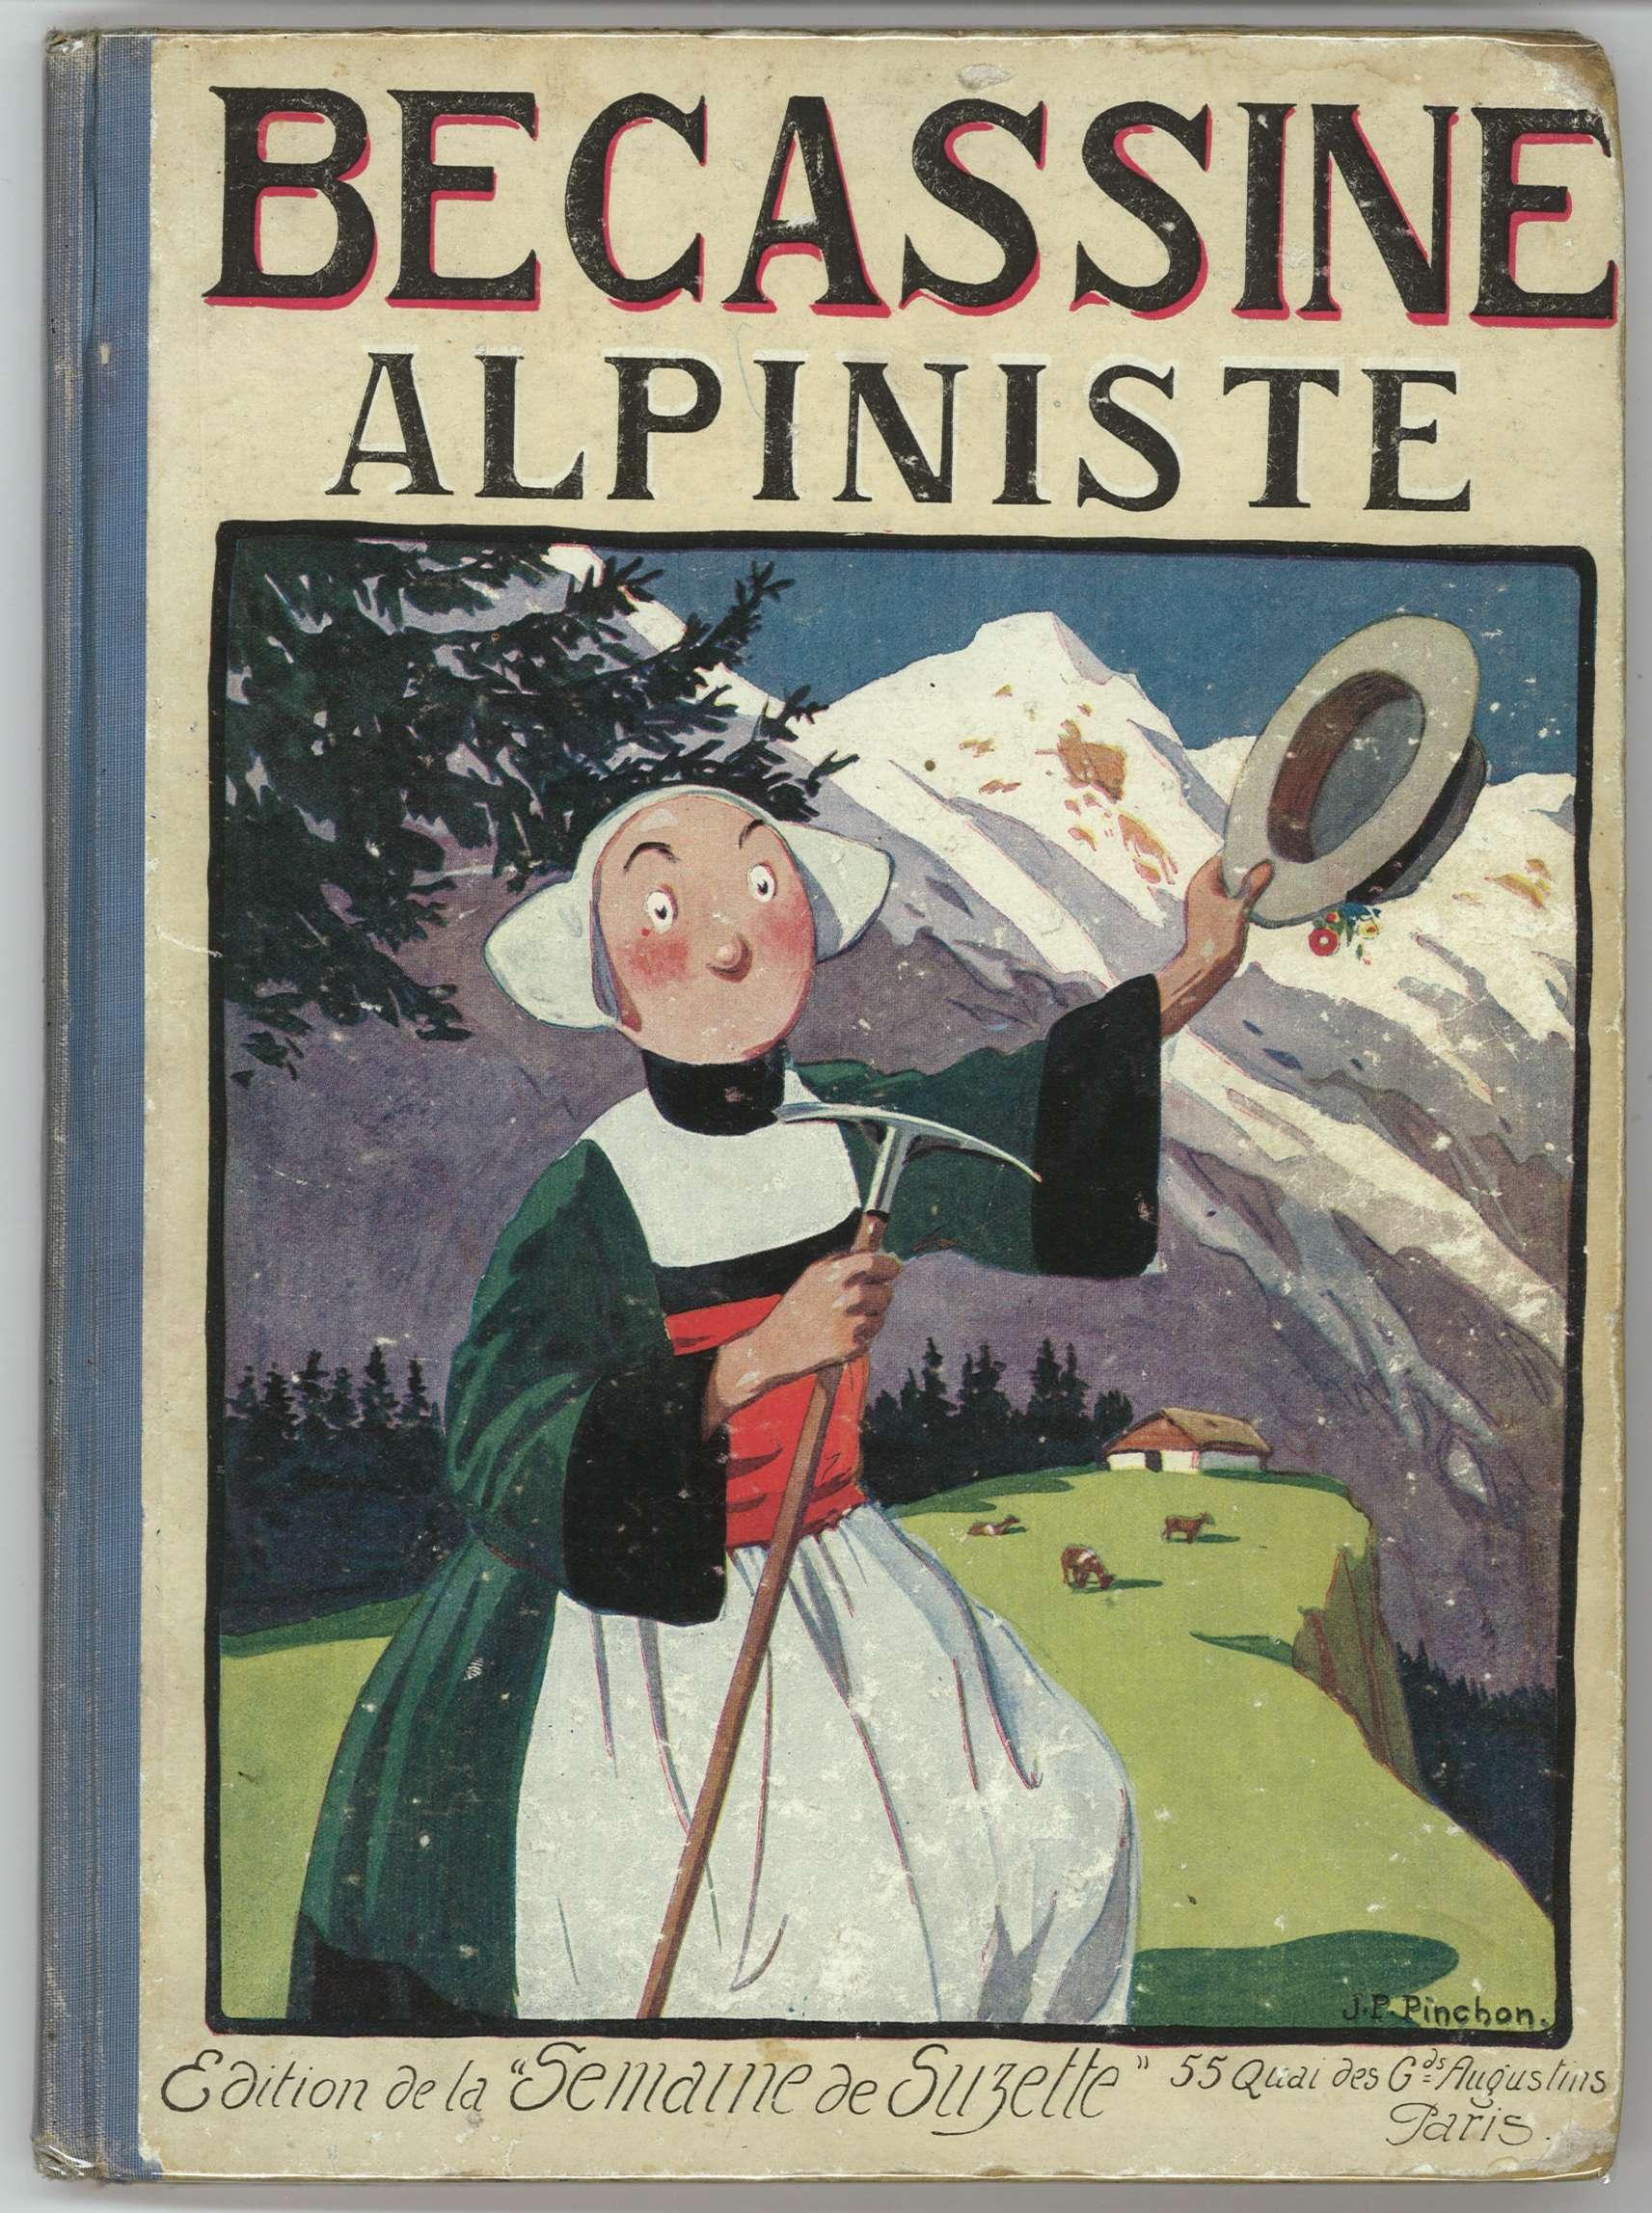 Bonjour à tous... - Page 2 Becassine-alpiniste-1923